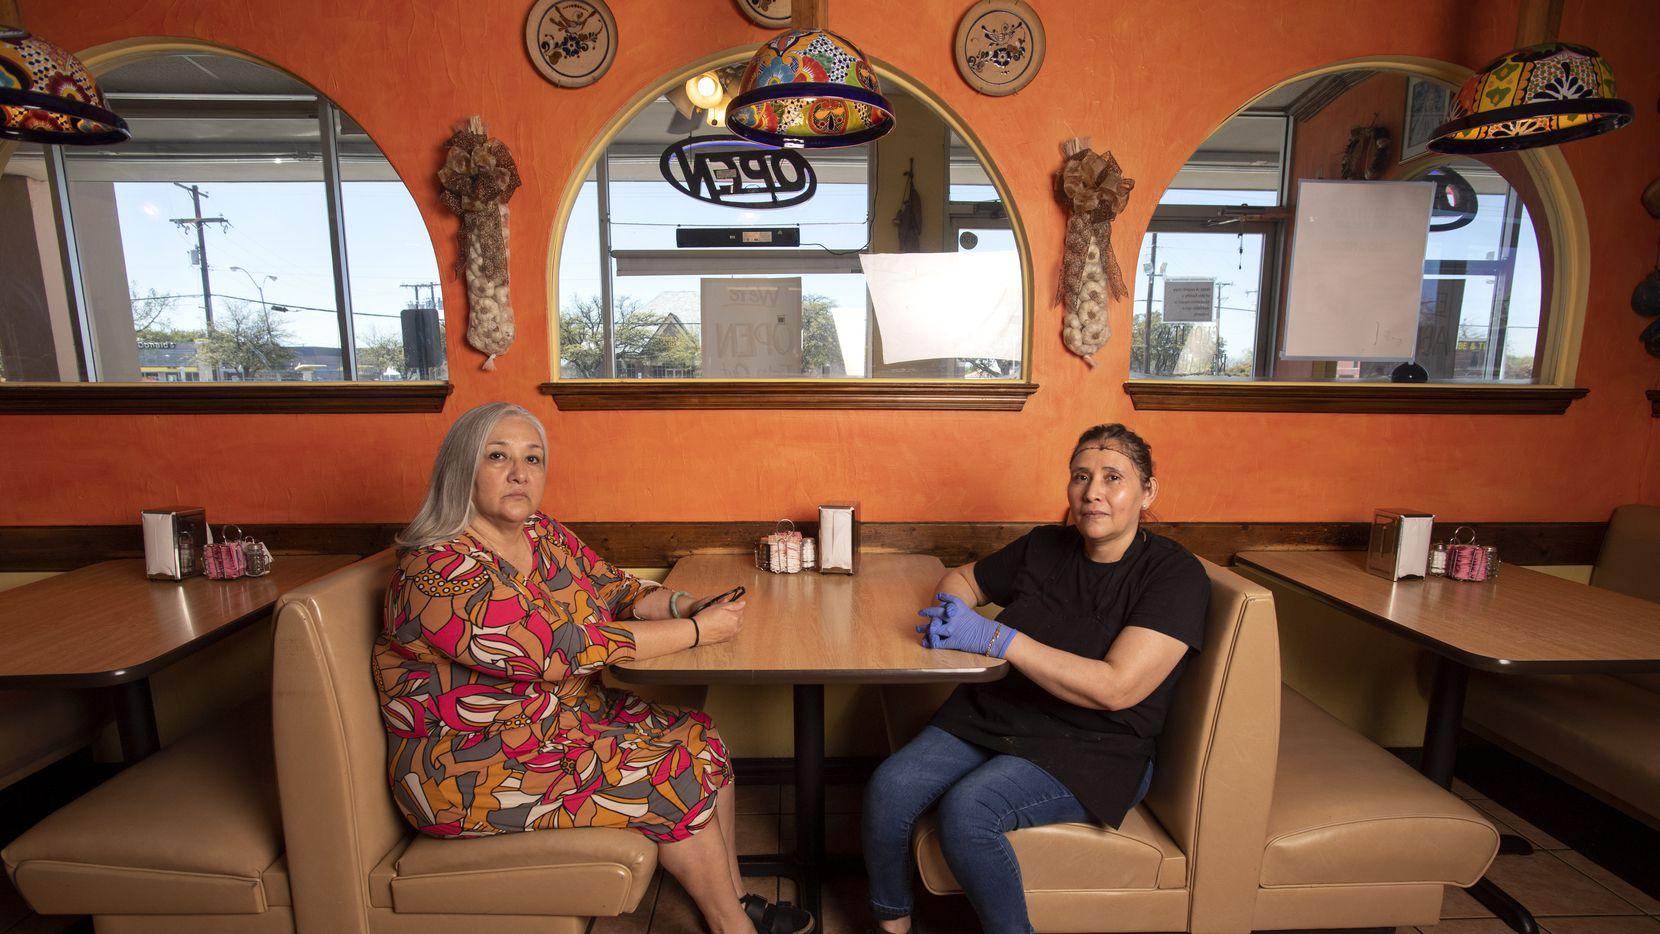 Elizabeth Villafranca (izq.) co propietaria junto con su esposo Enrique de los restaurantes Cuquita's, es acompañada por Eva Nuñez, una empleada del local en Farmers Branch, el martes 24 de marzo.